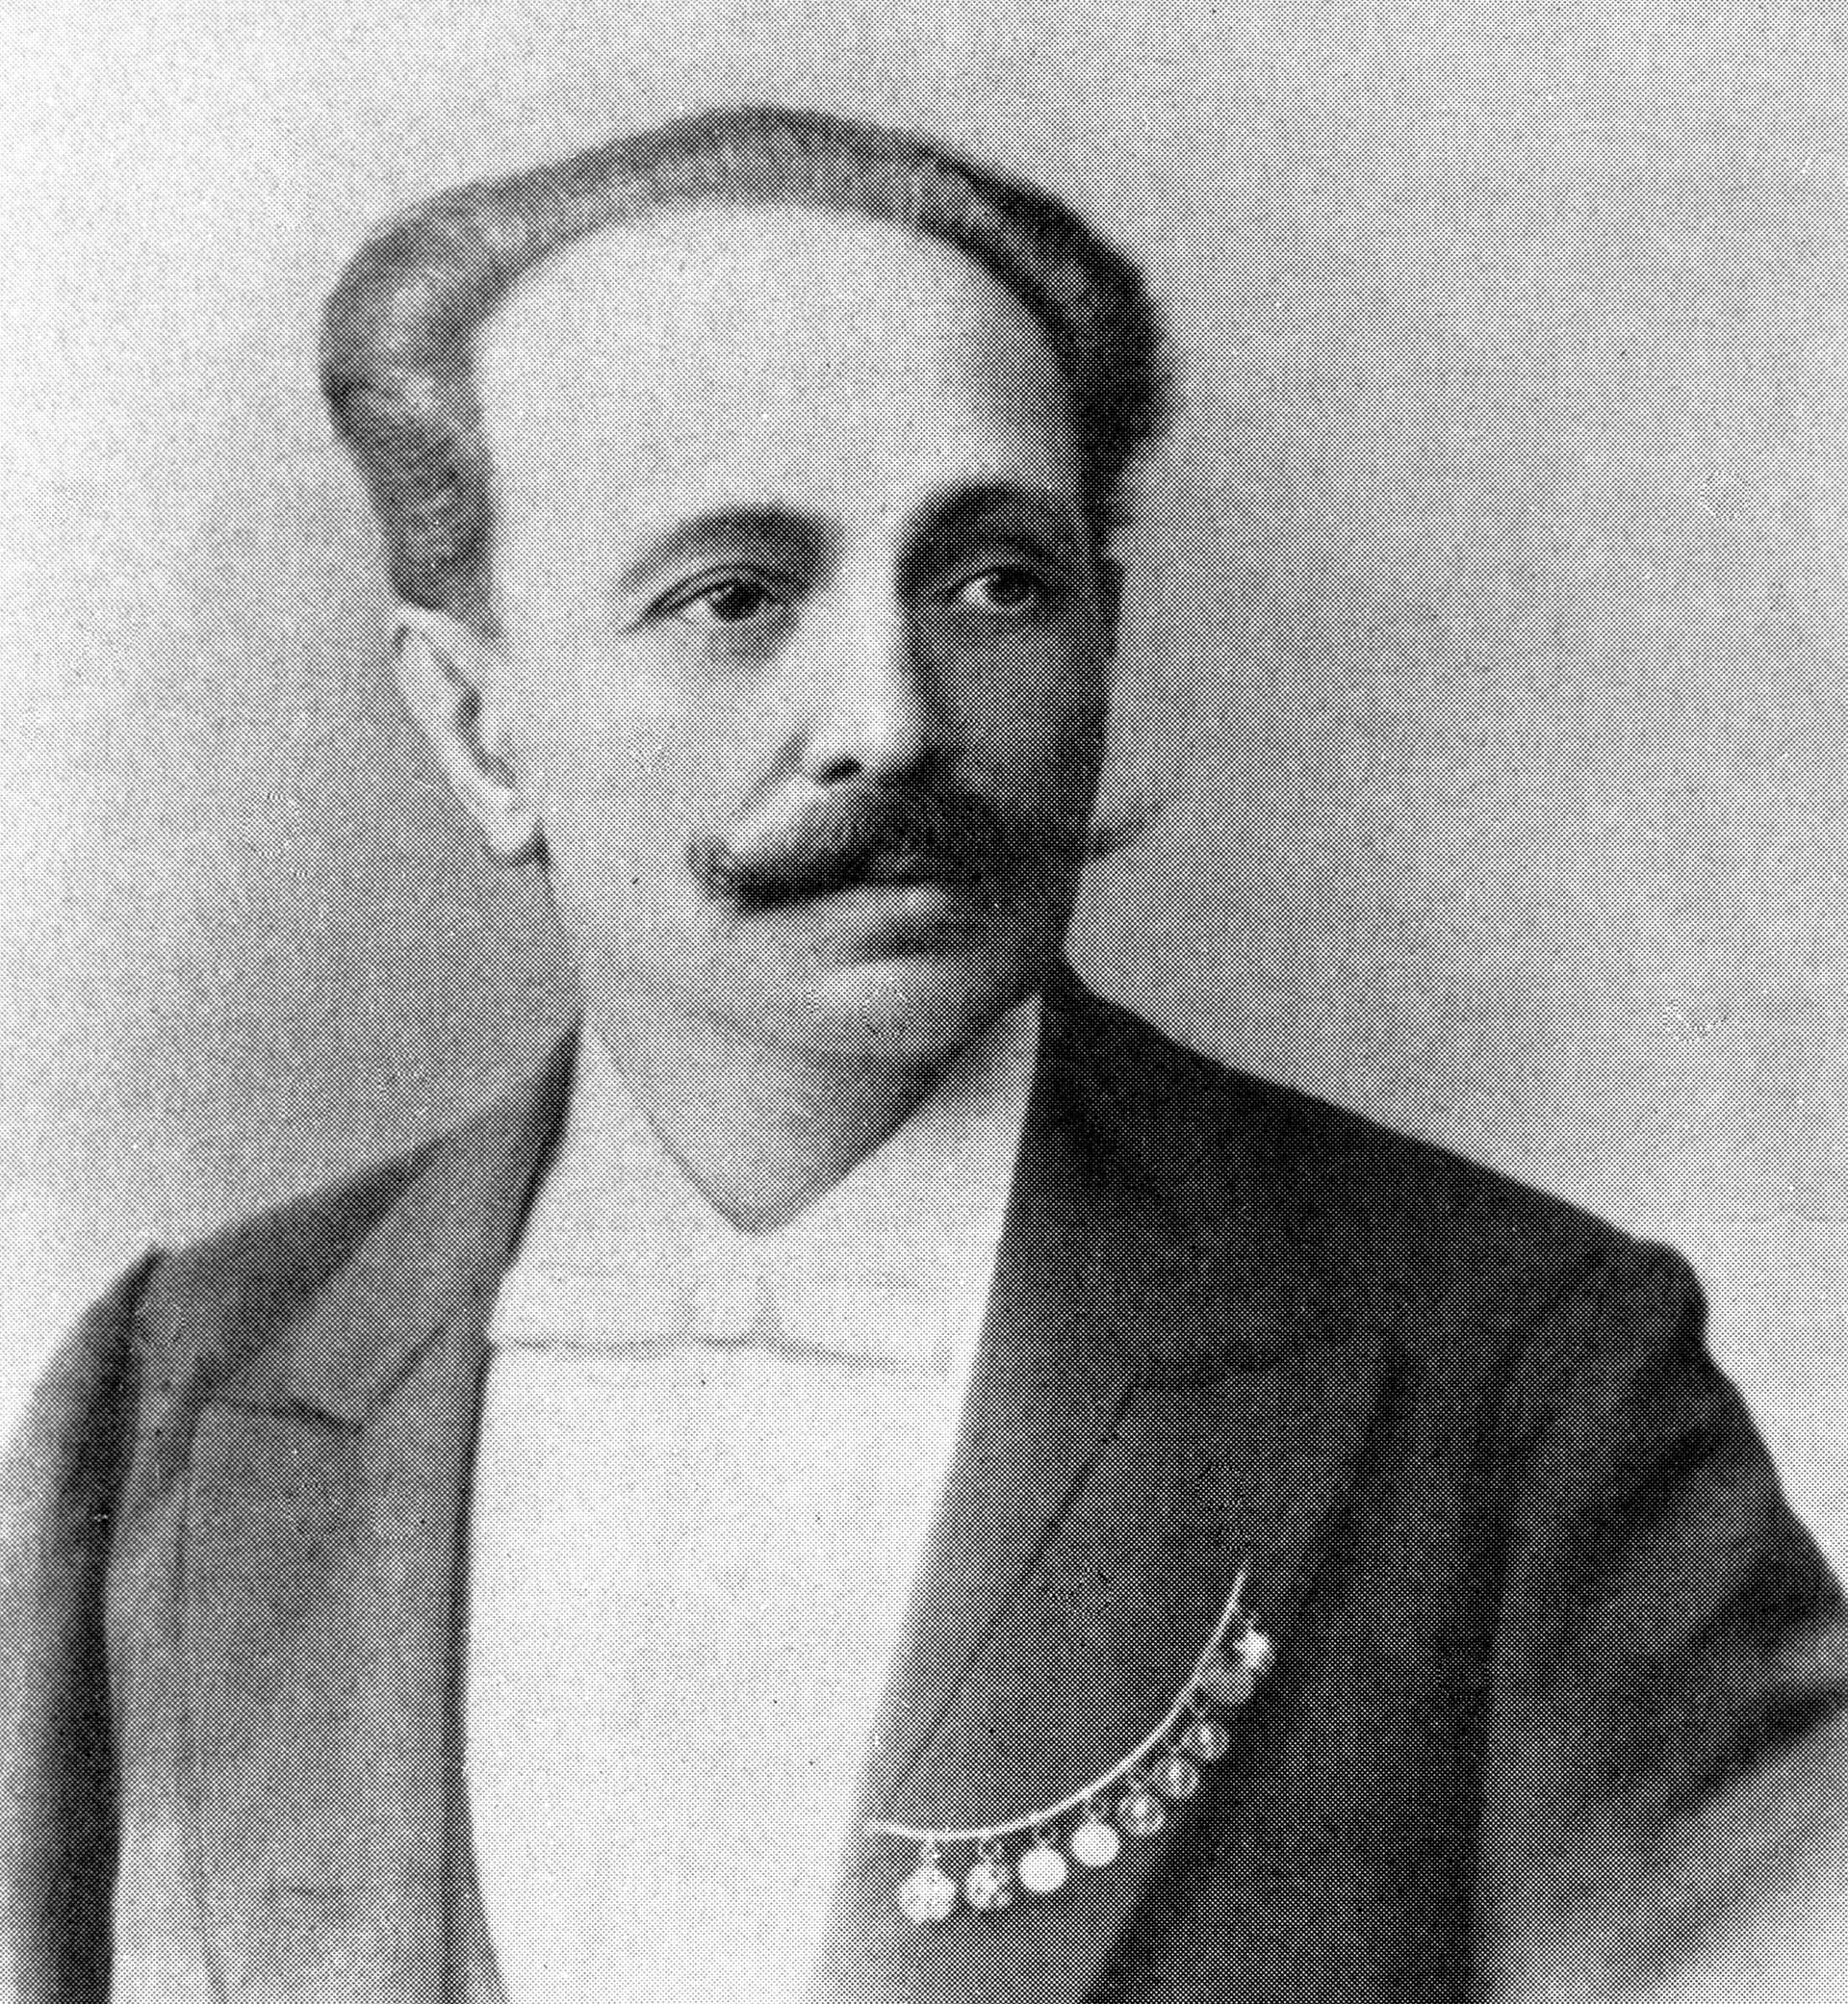 Artista russo e mestre do balé, Marius Petipa, 1878.